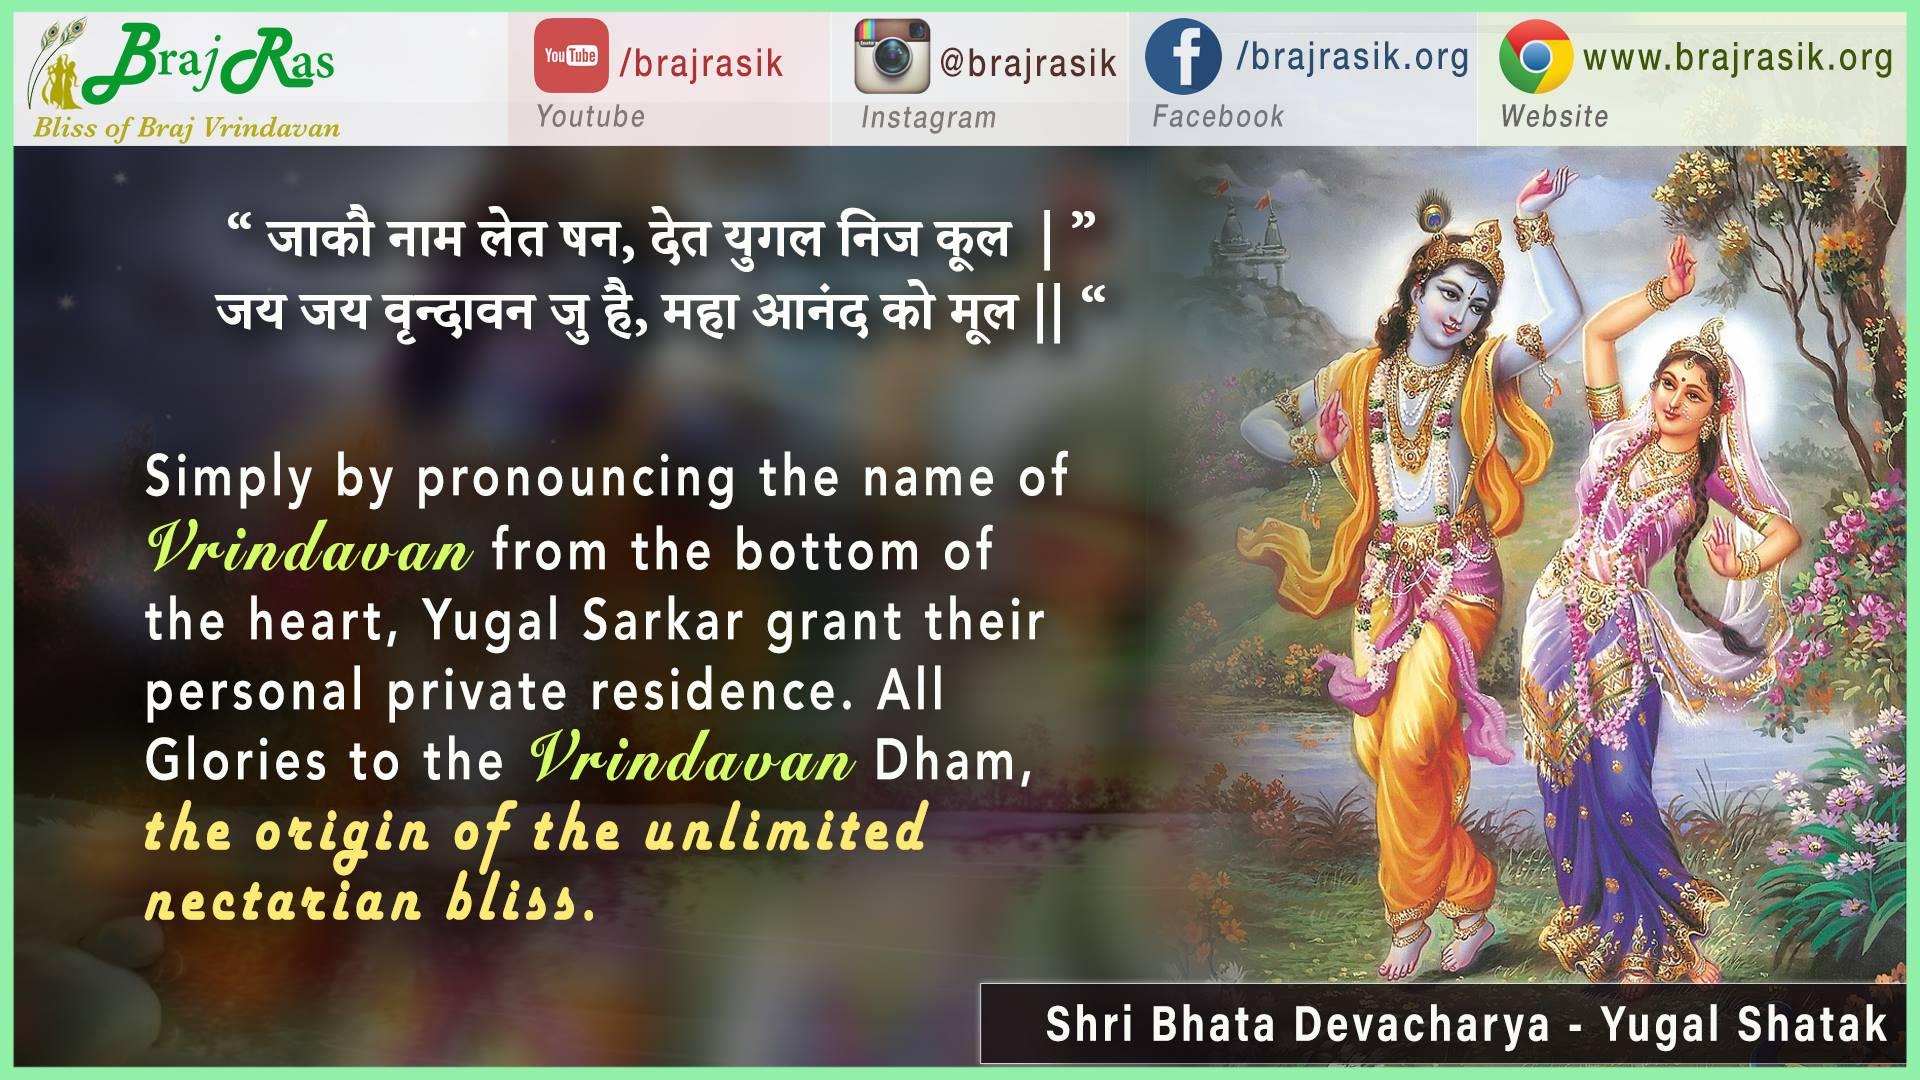 Jako Naam Leta Shan, Deta Yugal Nija Kool,  - Shri Bhata Devacharya - Yugal Shatak